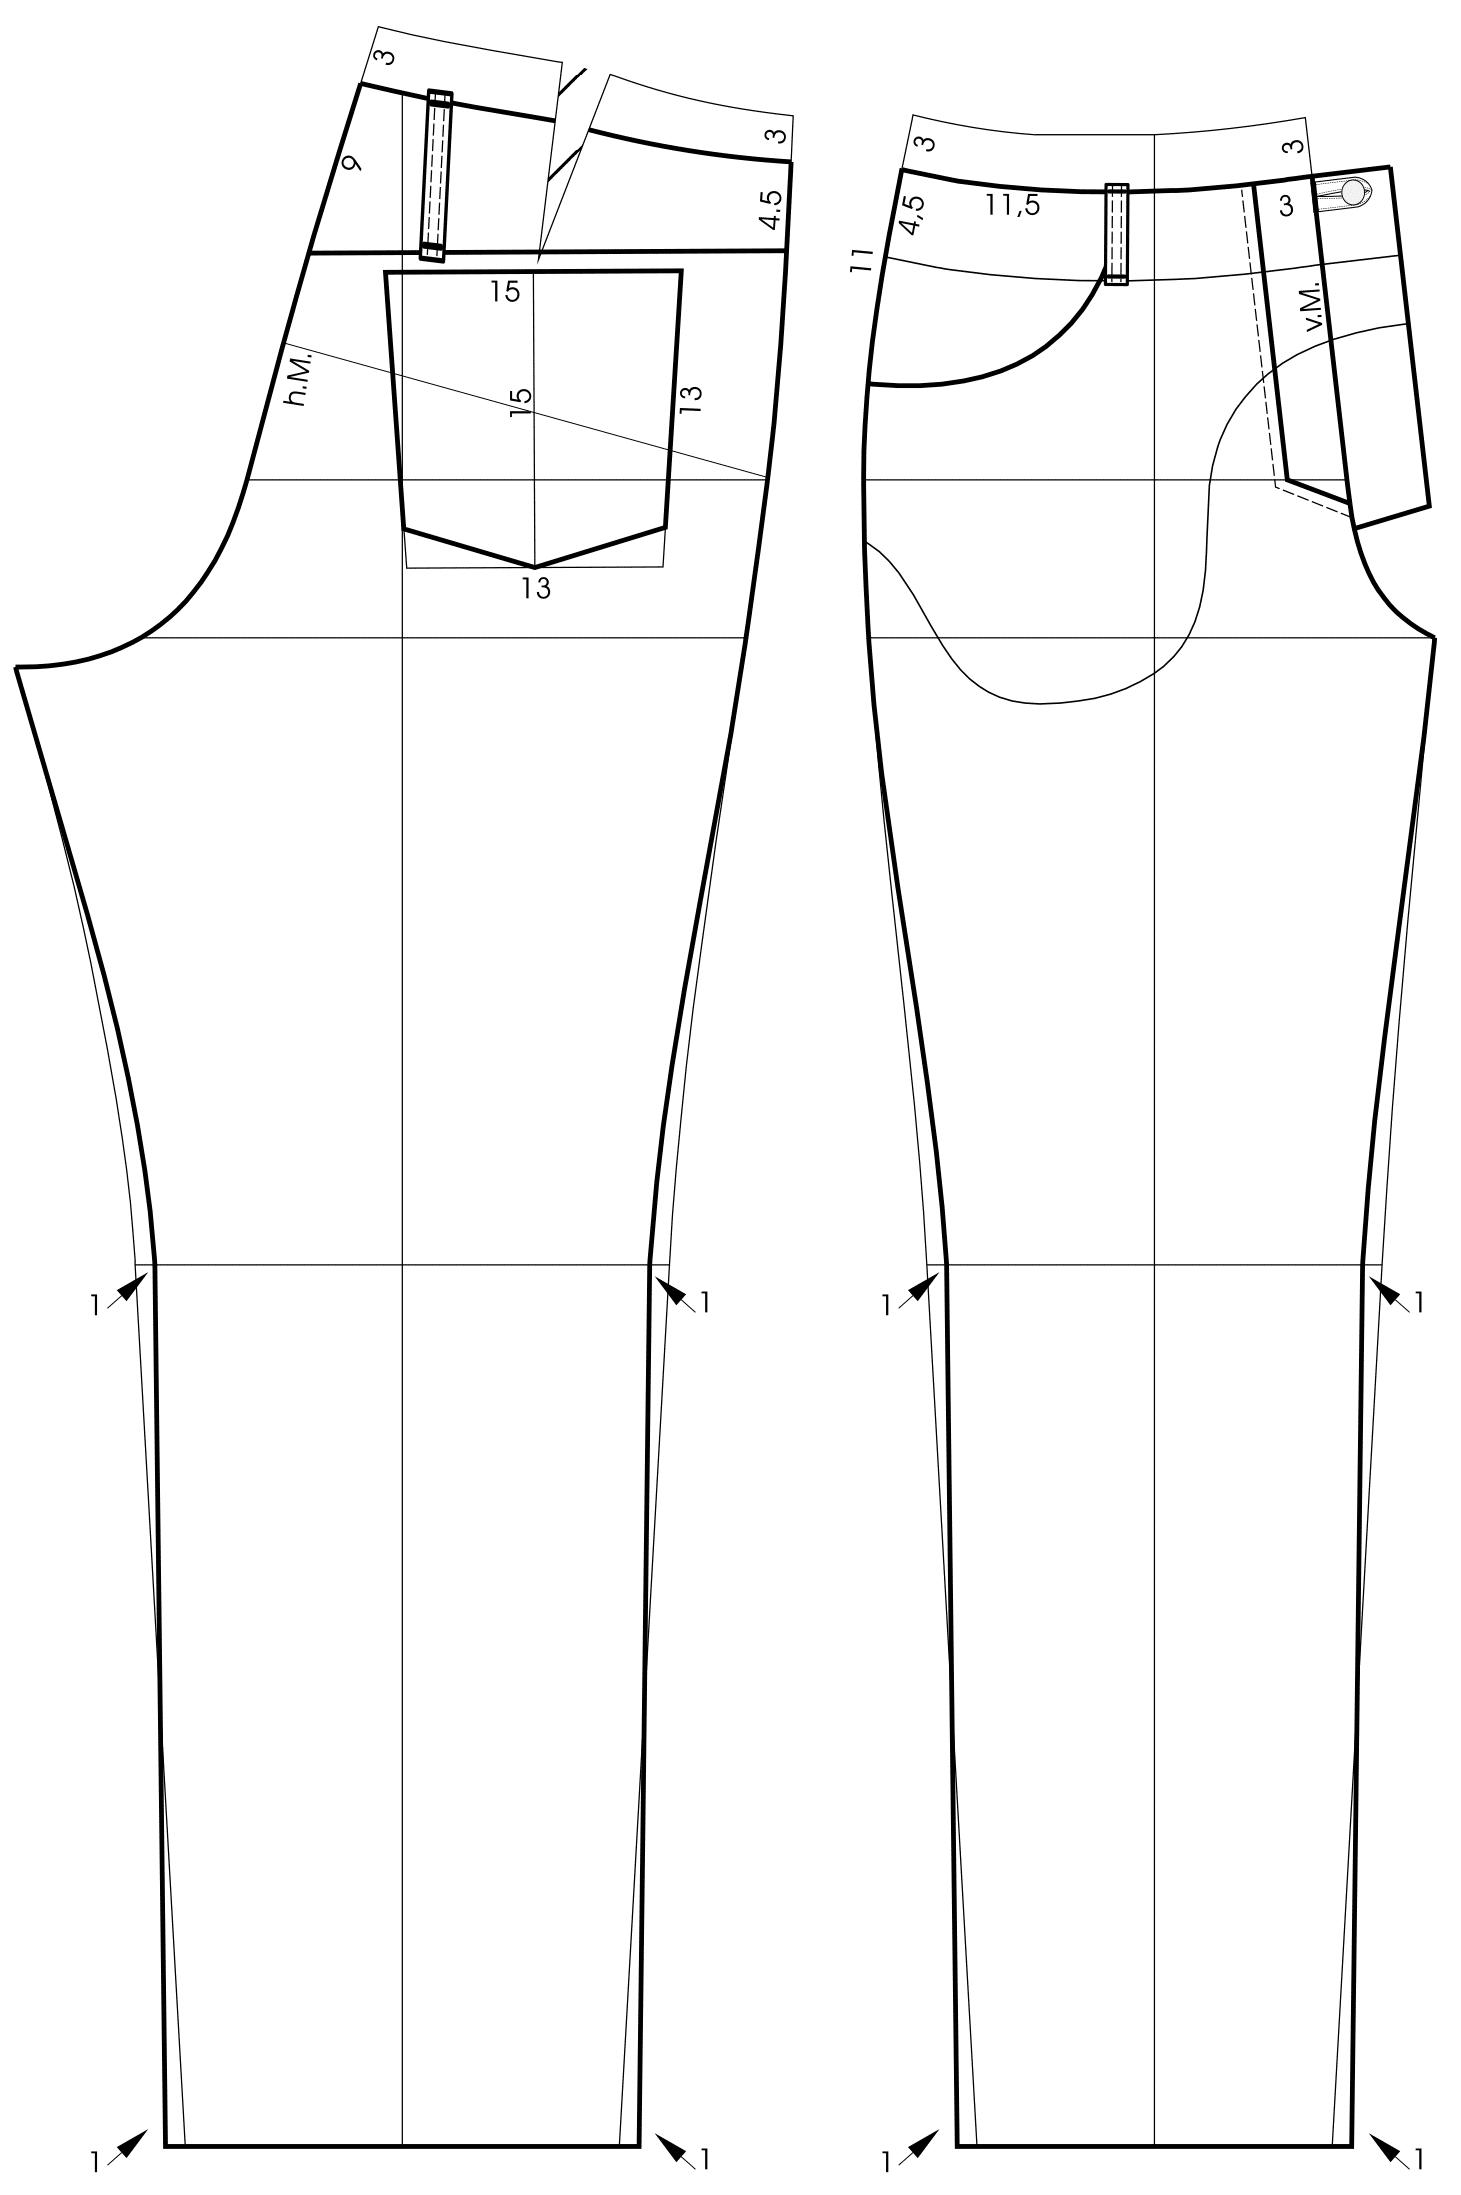 Die Schnitttechnik von einem Bund für eine Lederjeans mit Fransen ist zu sehen.